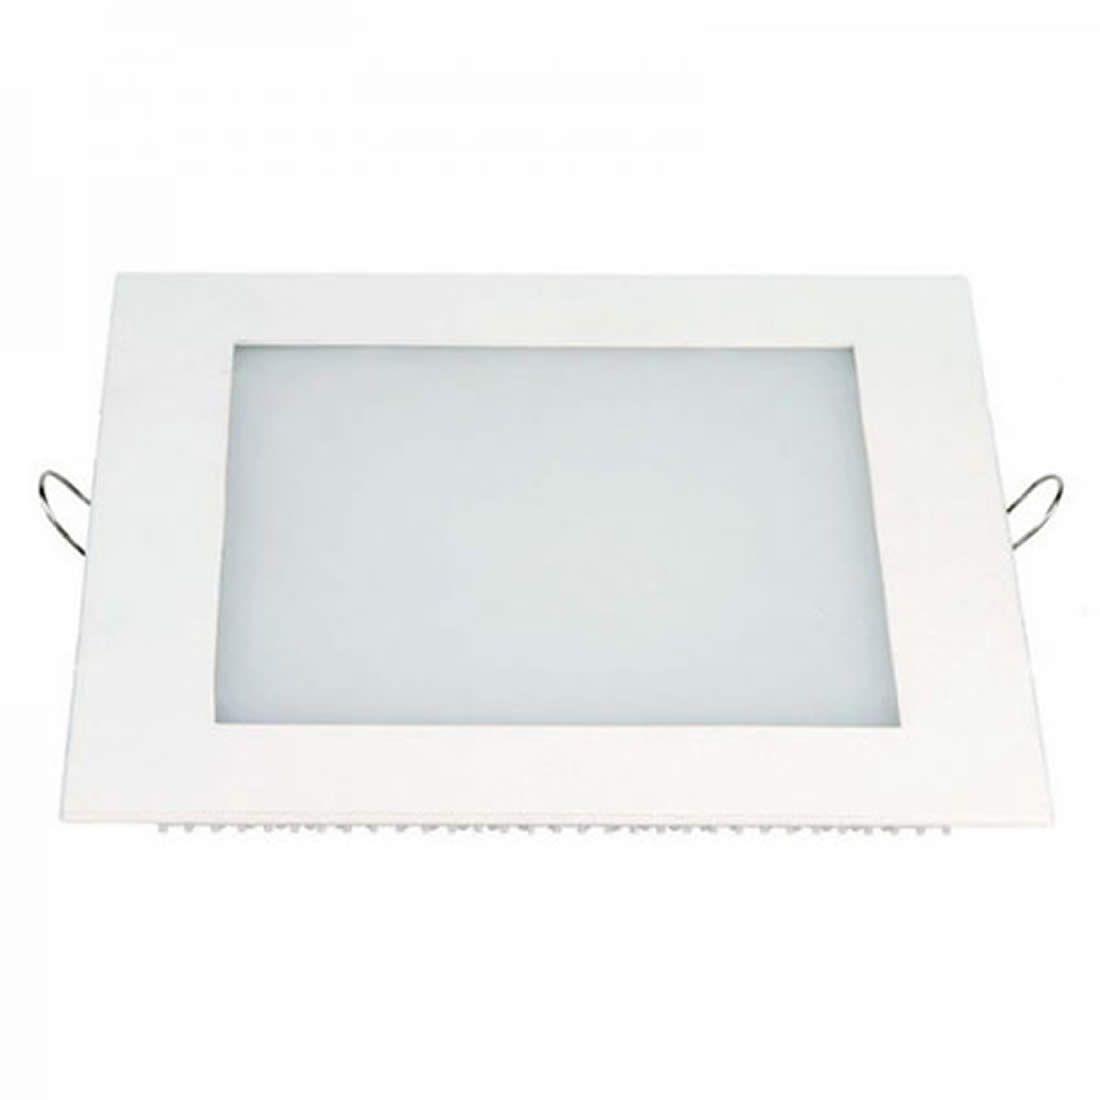 Luminária de Led Taschibra 18W Quadrada Embutir 6500K